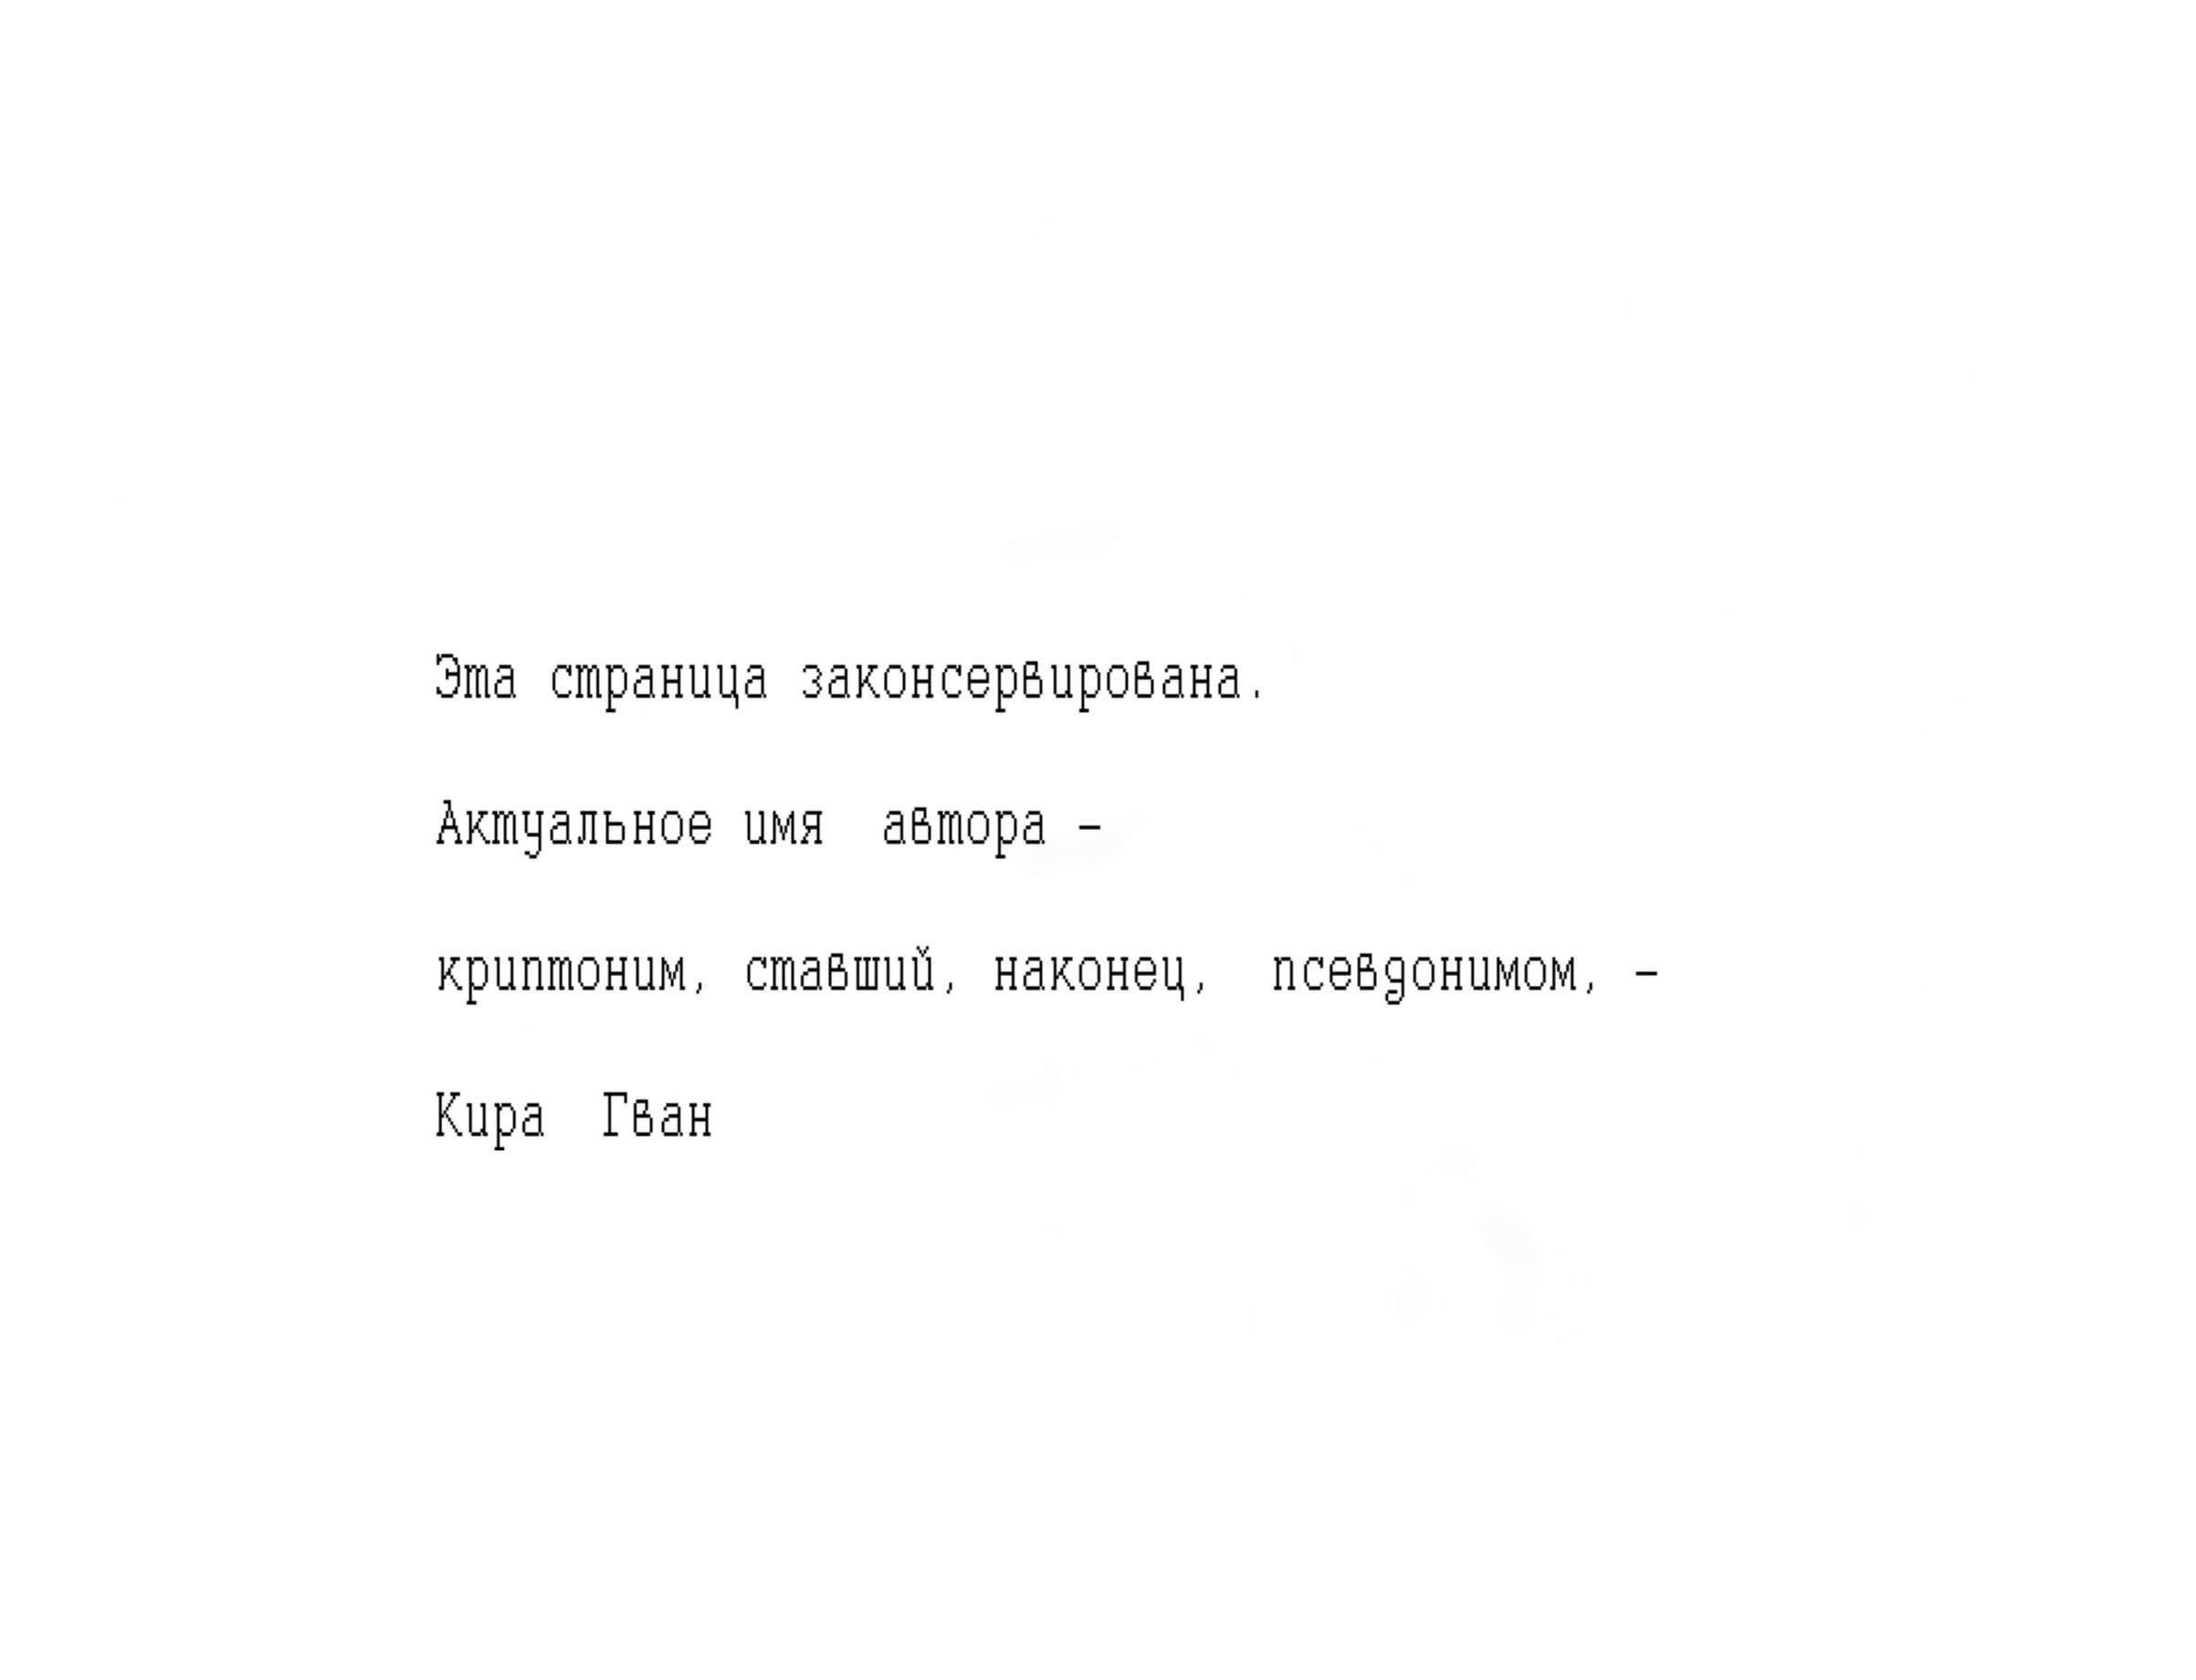 стиху ру: